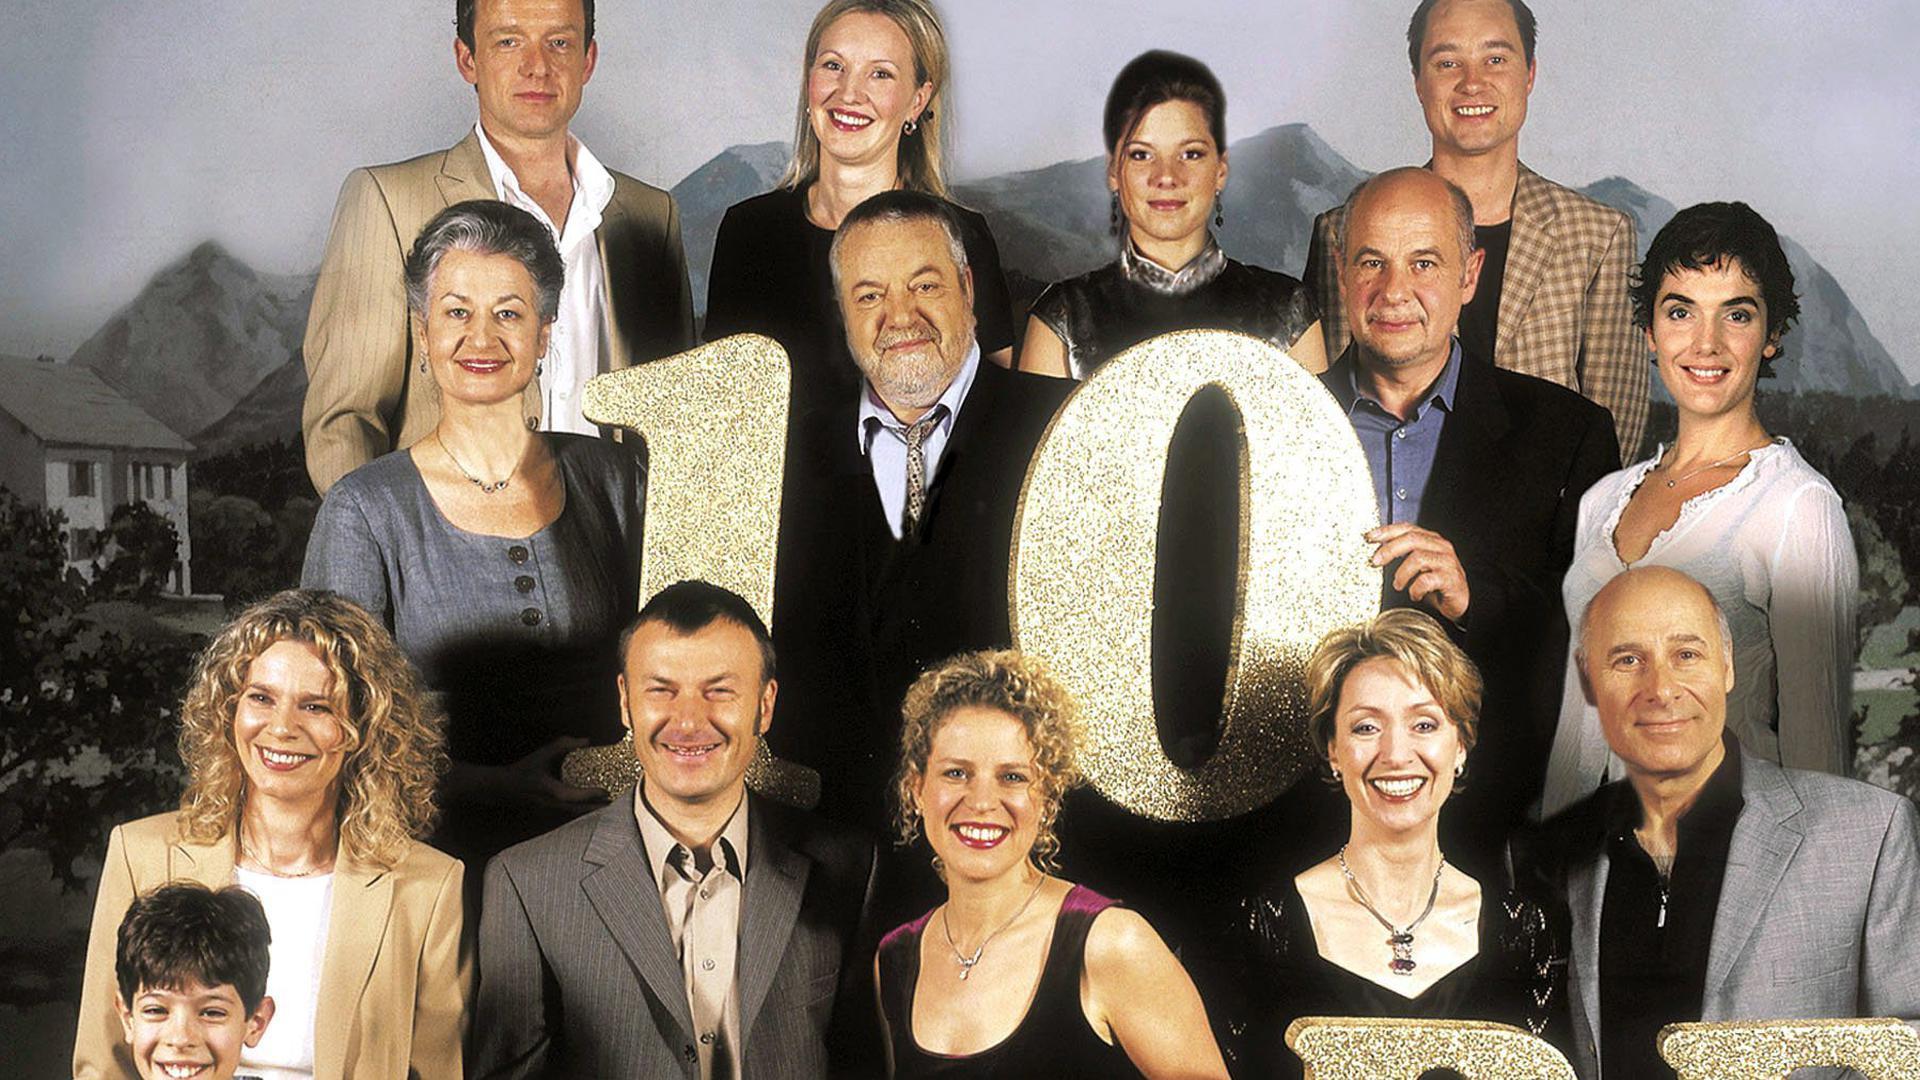 """Die SWR-Schwarzwaldfamilie """"Die Fallers"""" mit (1. Reihe v.l.) Alessio Hirschkorn (vorne), Christiane Bachschmidt, Peter Schell, Christiane Brammer, Martina Servatius, Edgar M. Marcus und (2. Reihe v.l.) Ursula Cantieni, Wolfgang Hepp, Thomas Meinhardt, Anne von Linstow sowie (3. Reihe v.l.) Karsten Dörr, Katarina Klaffs, Tanja Schmitz und Oliver Baierl. Vor zehn Jahren, am 25. September 1994, wurde die erste Folge der Schwarzwald- Familienserie ausgestrahlt. dpa/lsw (zu lsw 7203 vom 07.09.2004)"""